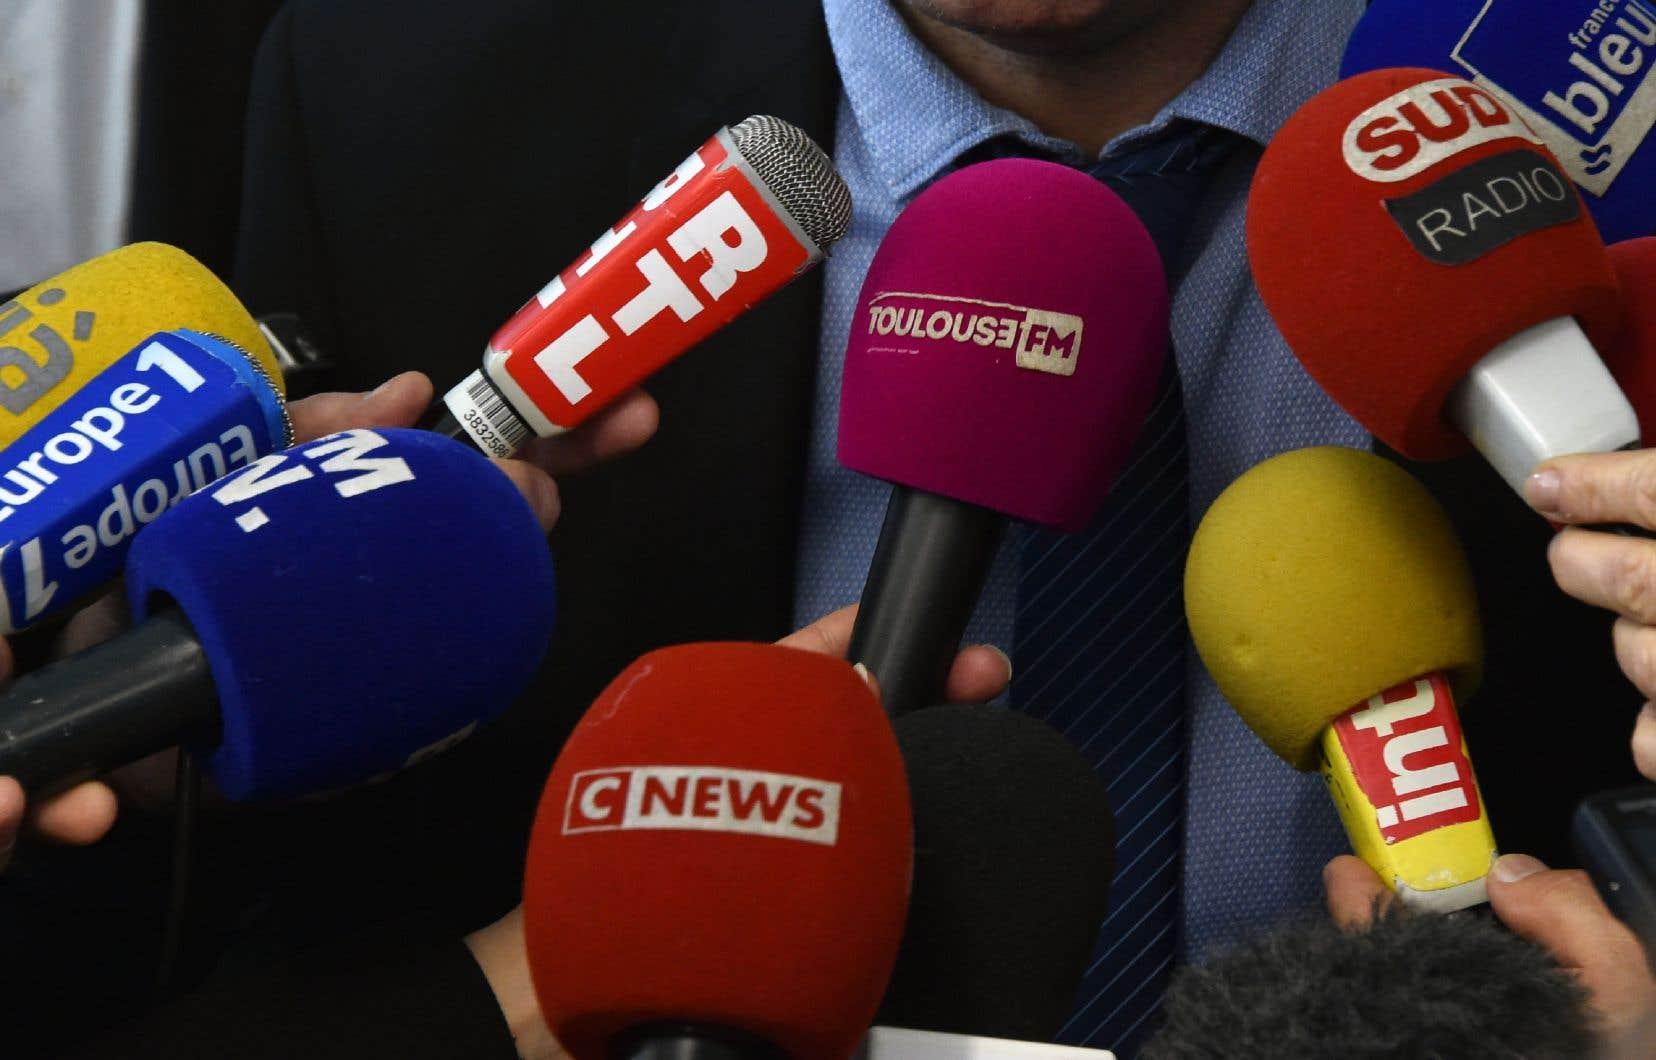 Les rédactions qui ne sont pas favorables au Conseil de déontologie journalistique et de médiation (CDJM) estiment aussi qu'il faut valoriser «la diversité des approches».